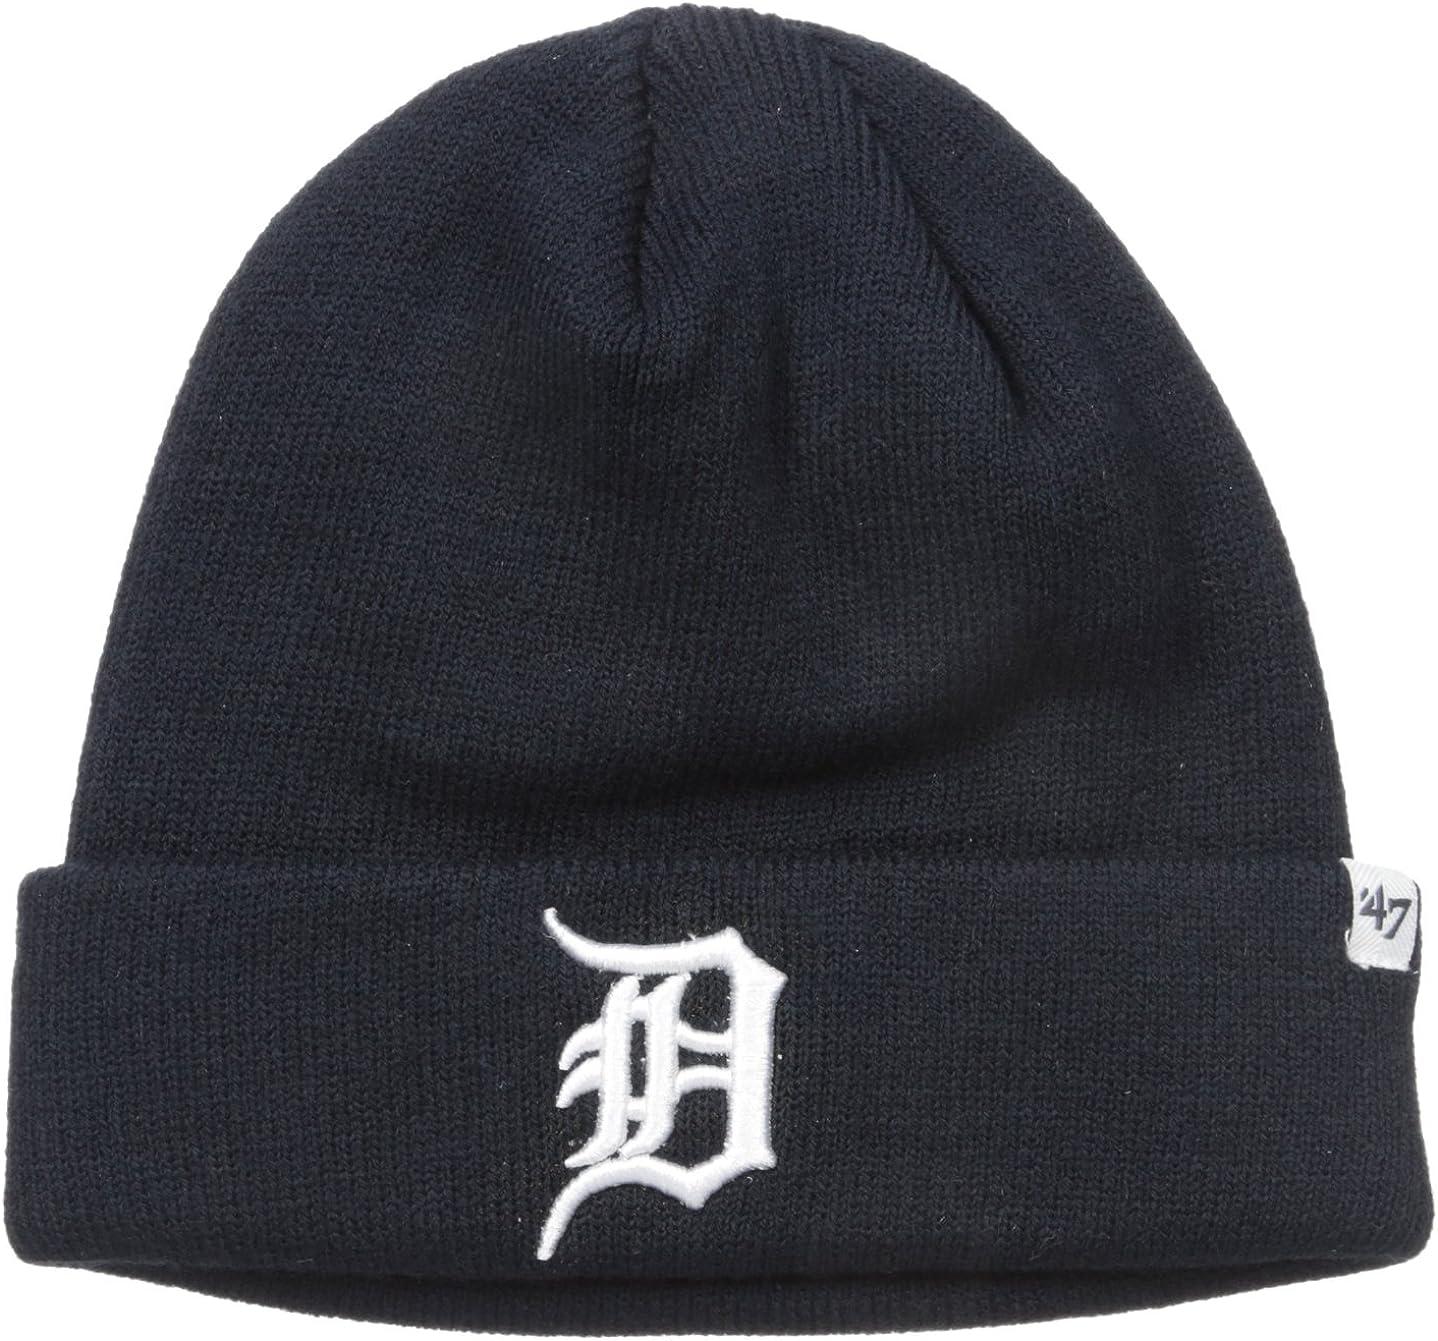 MLB 47 Raised Cuff Knit